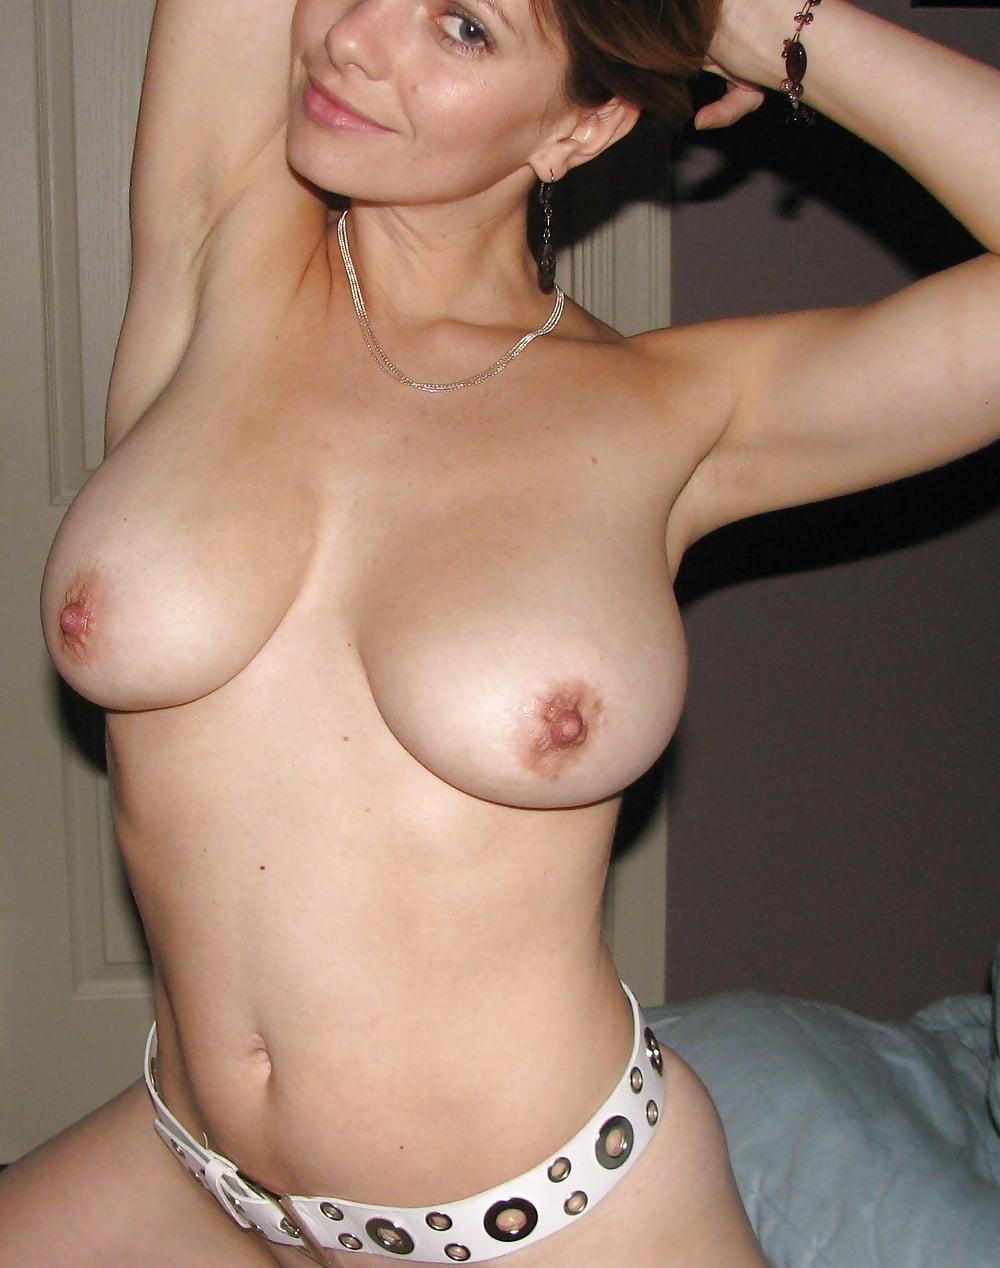 eroticheskie-siski-doma-dlya-mobilnogo-akira-foto-gorah